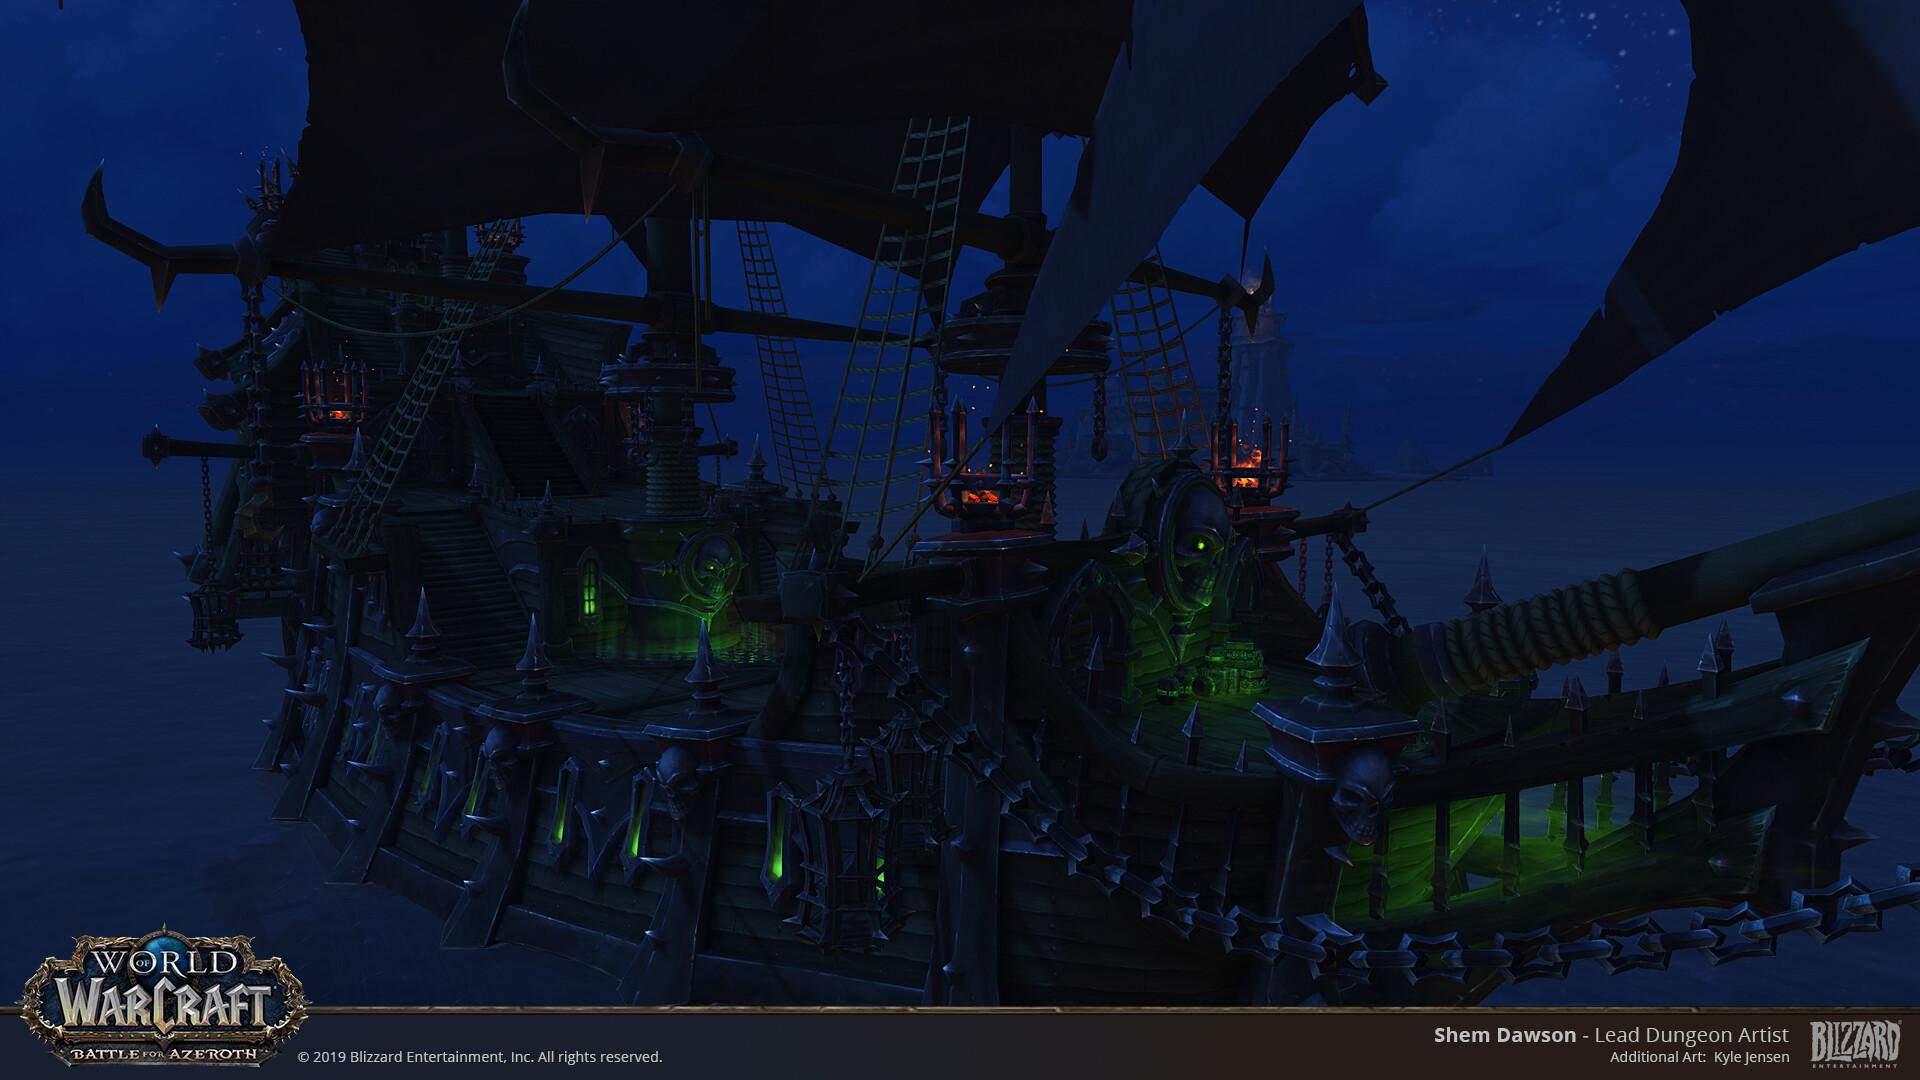 Shem dawson forskaen ship image09